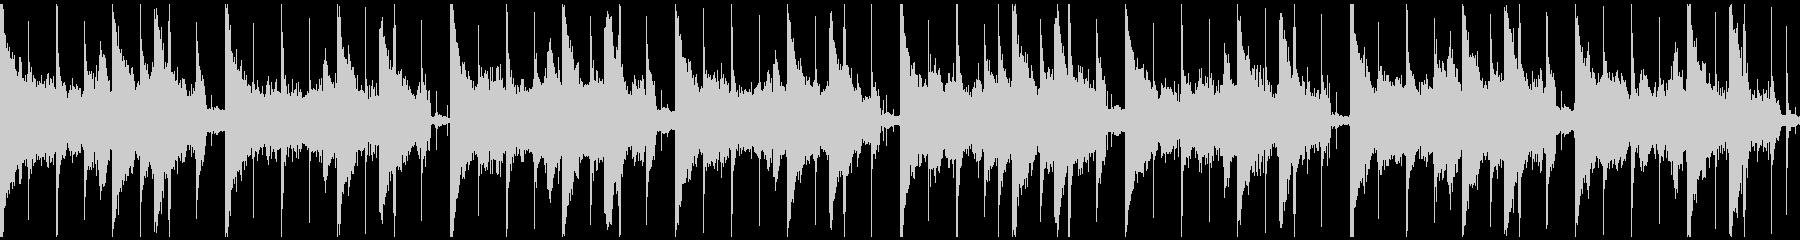 90年代トリップホップ風ループの未再生の波形